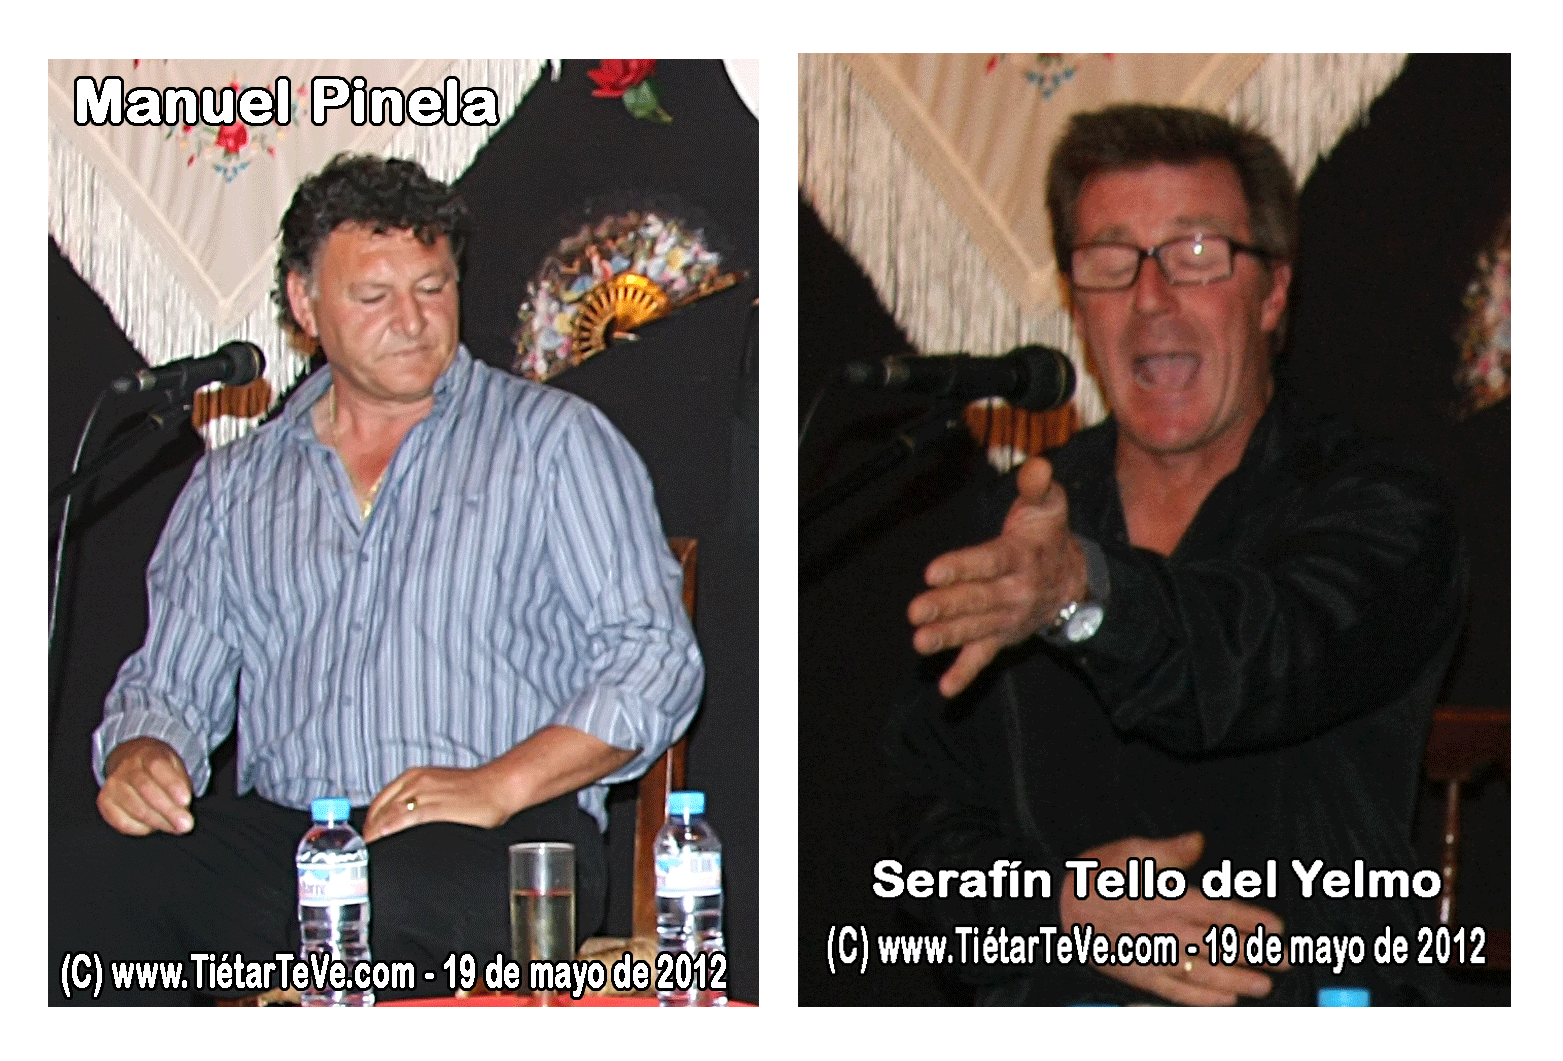 Manuel Pinela - Serafin Tello del Yelmo